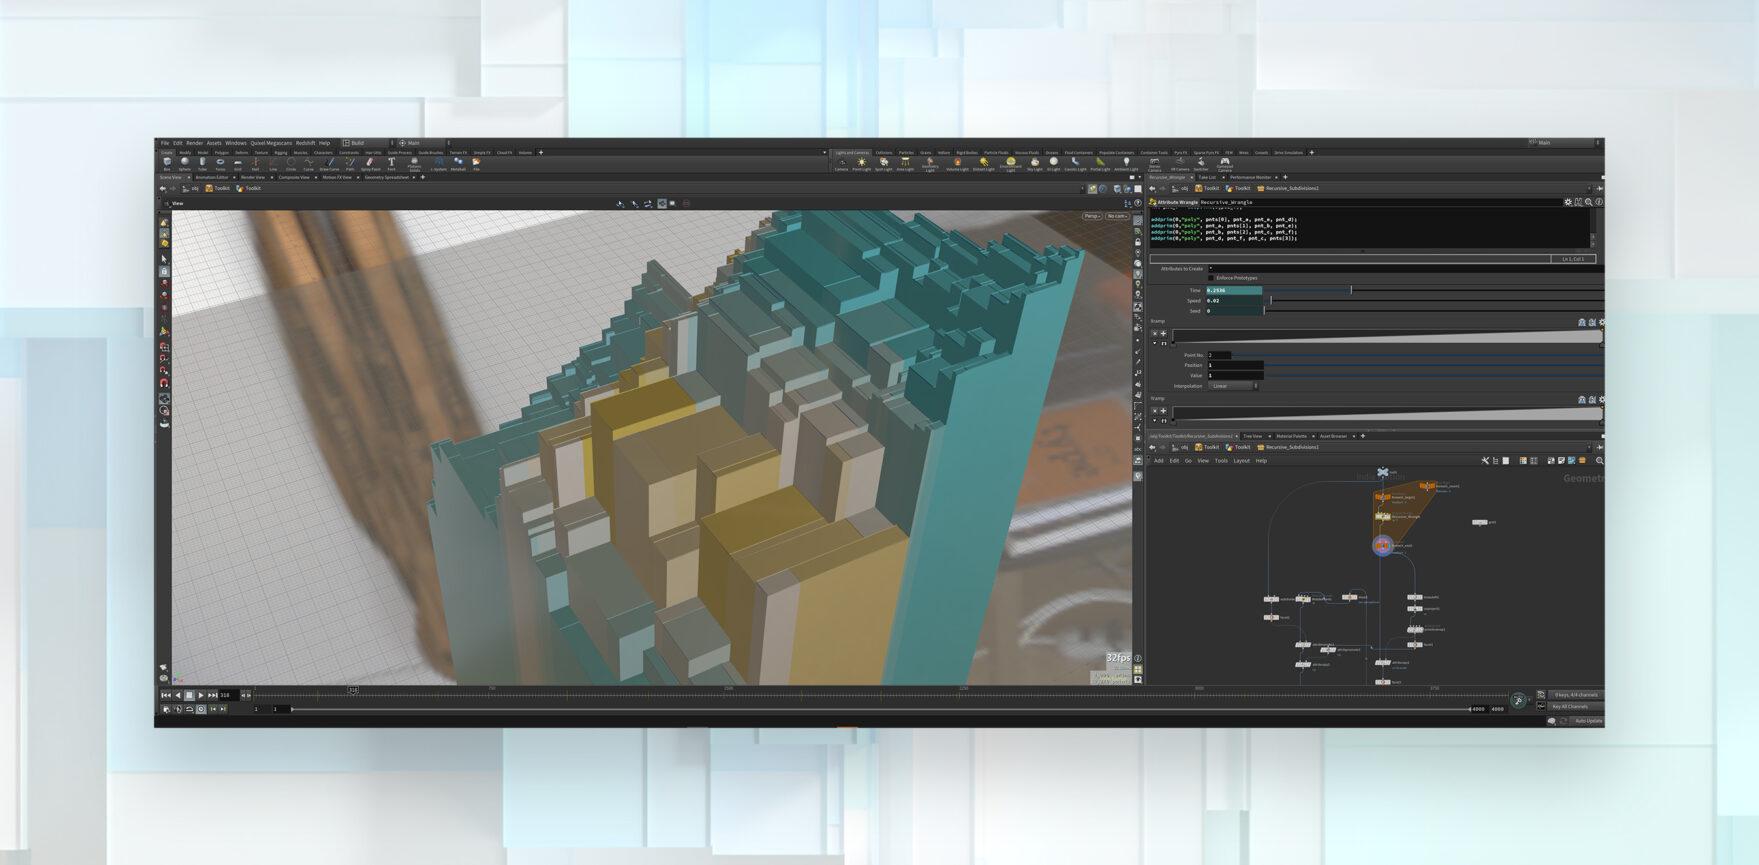 Entstehung Bayerisches Staatsministerium für Digitales 3D-Animation für Konferenzen